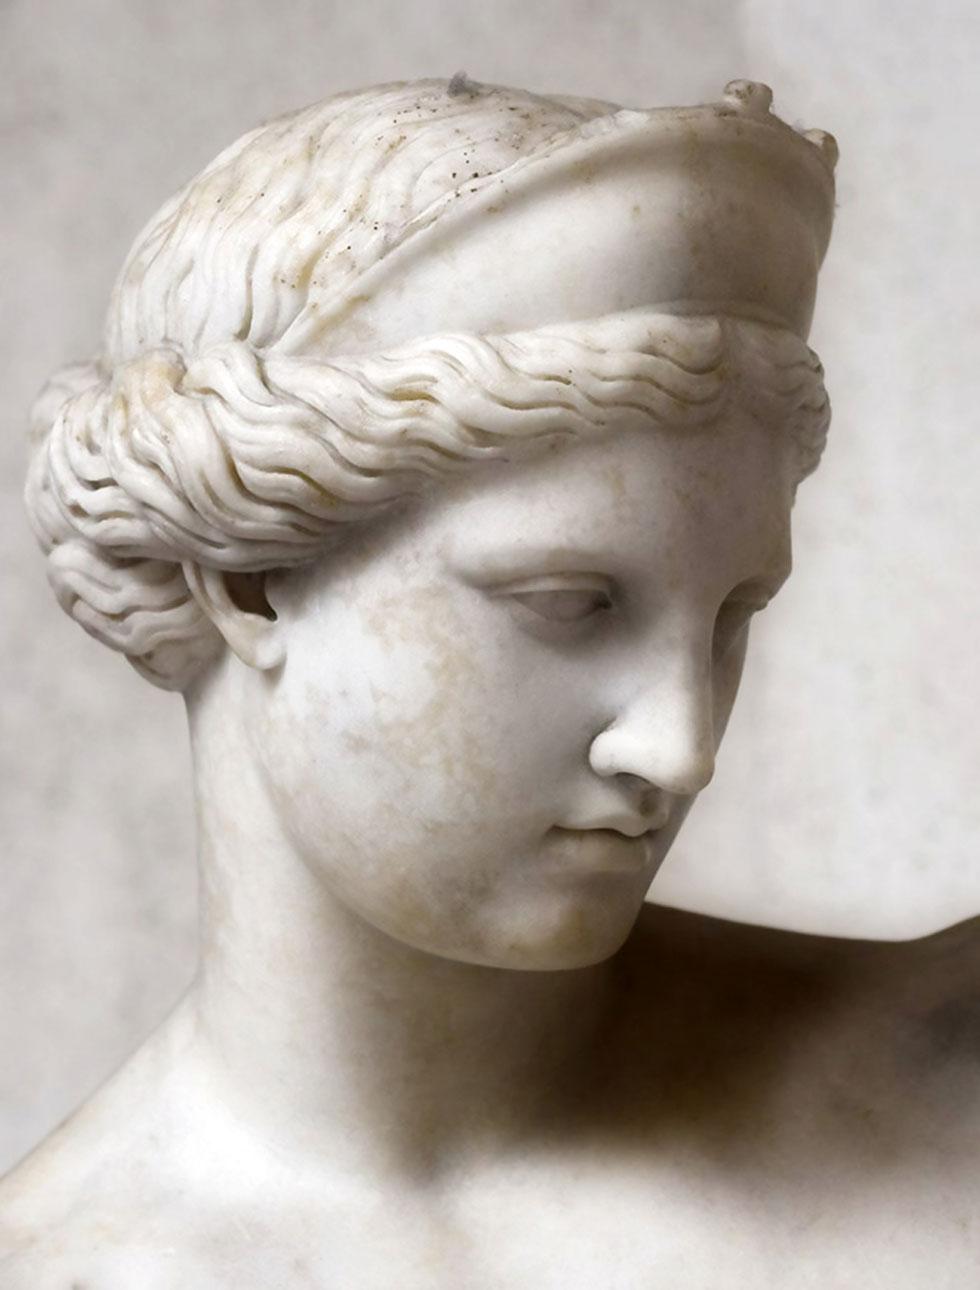 عشق و اساطیر یونان